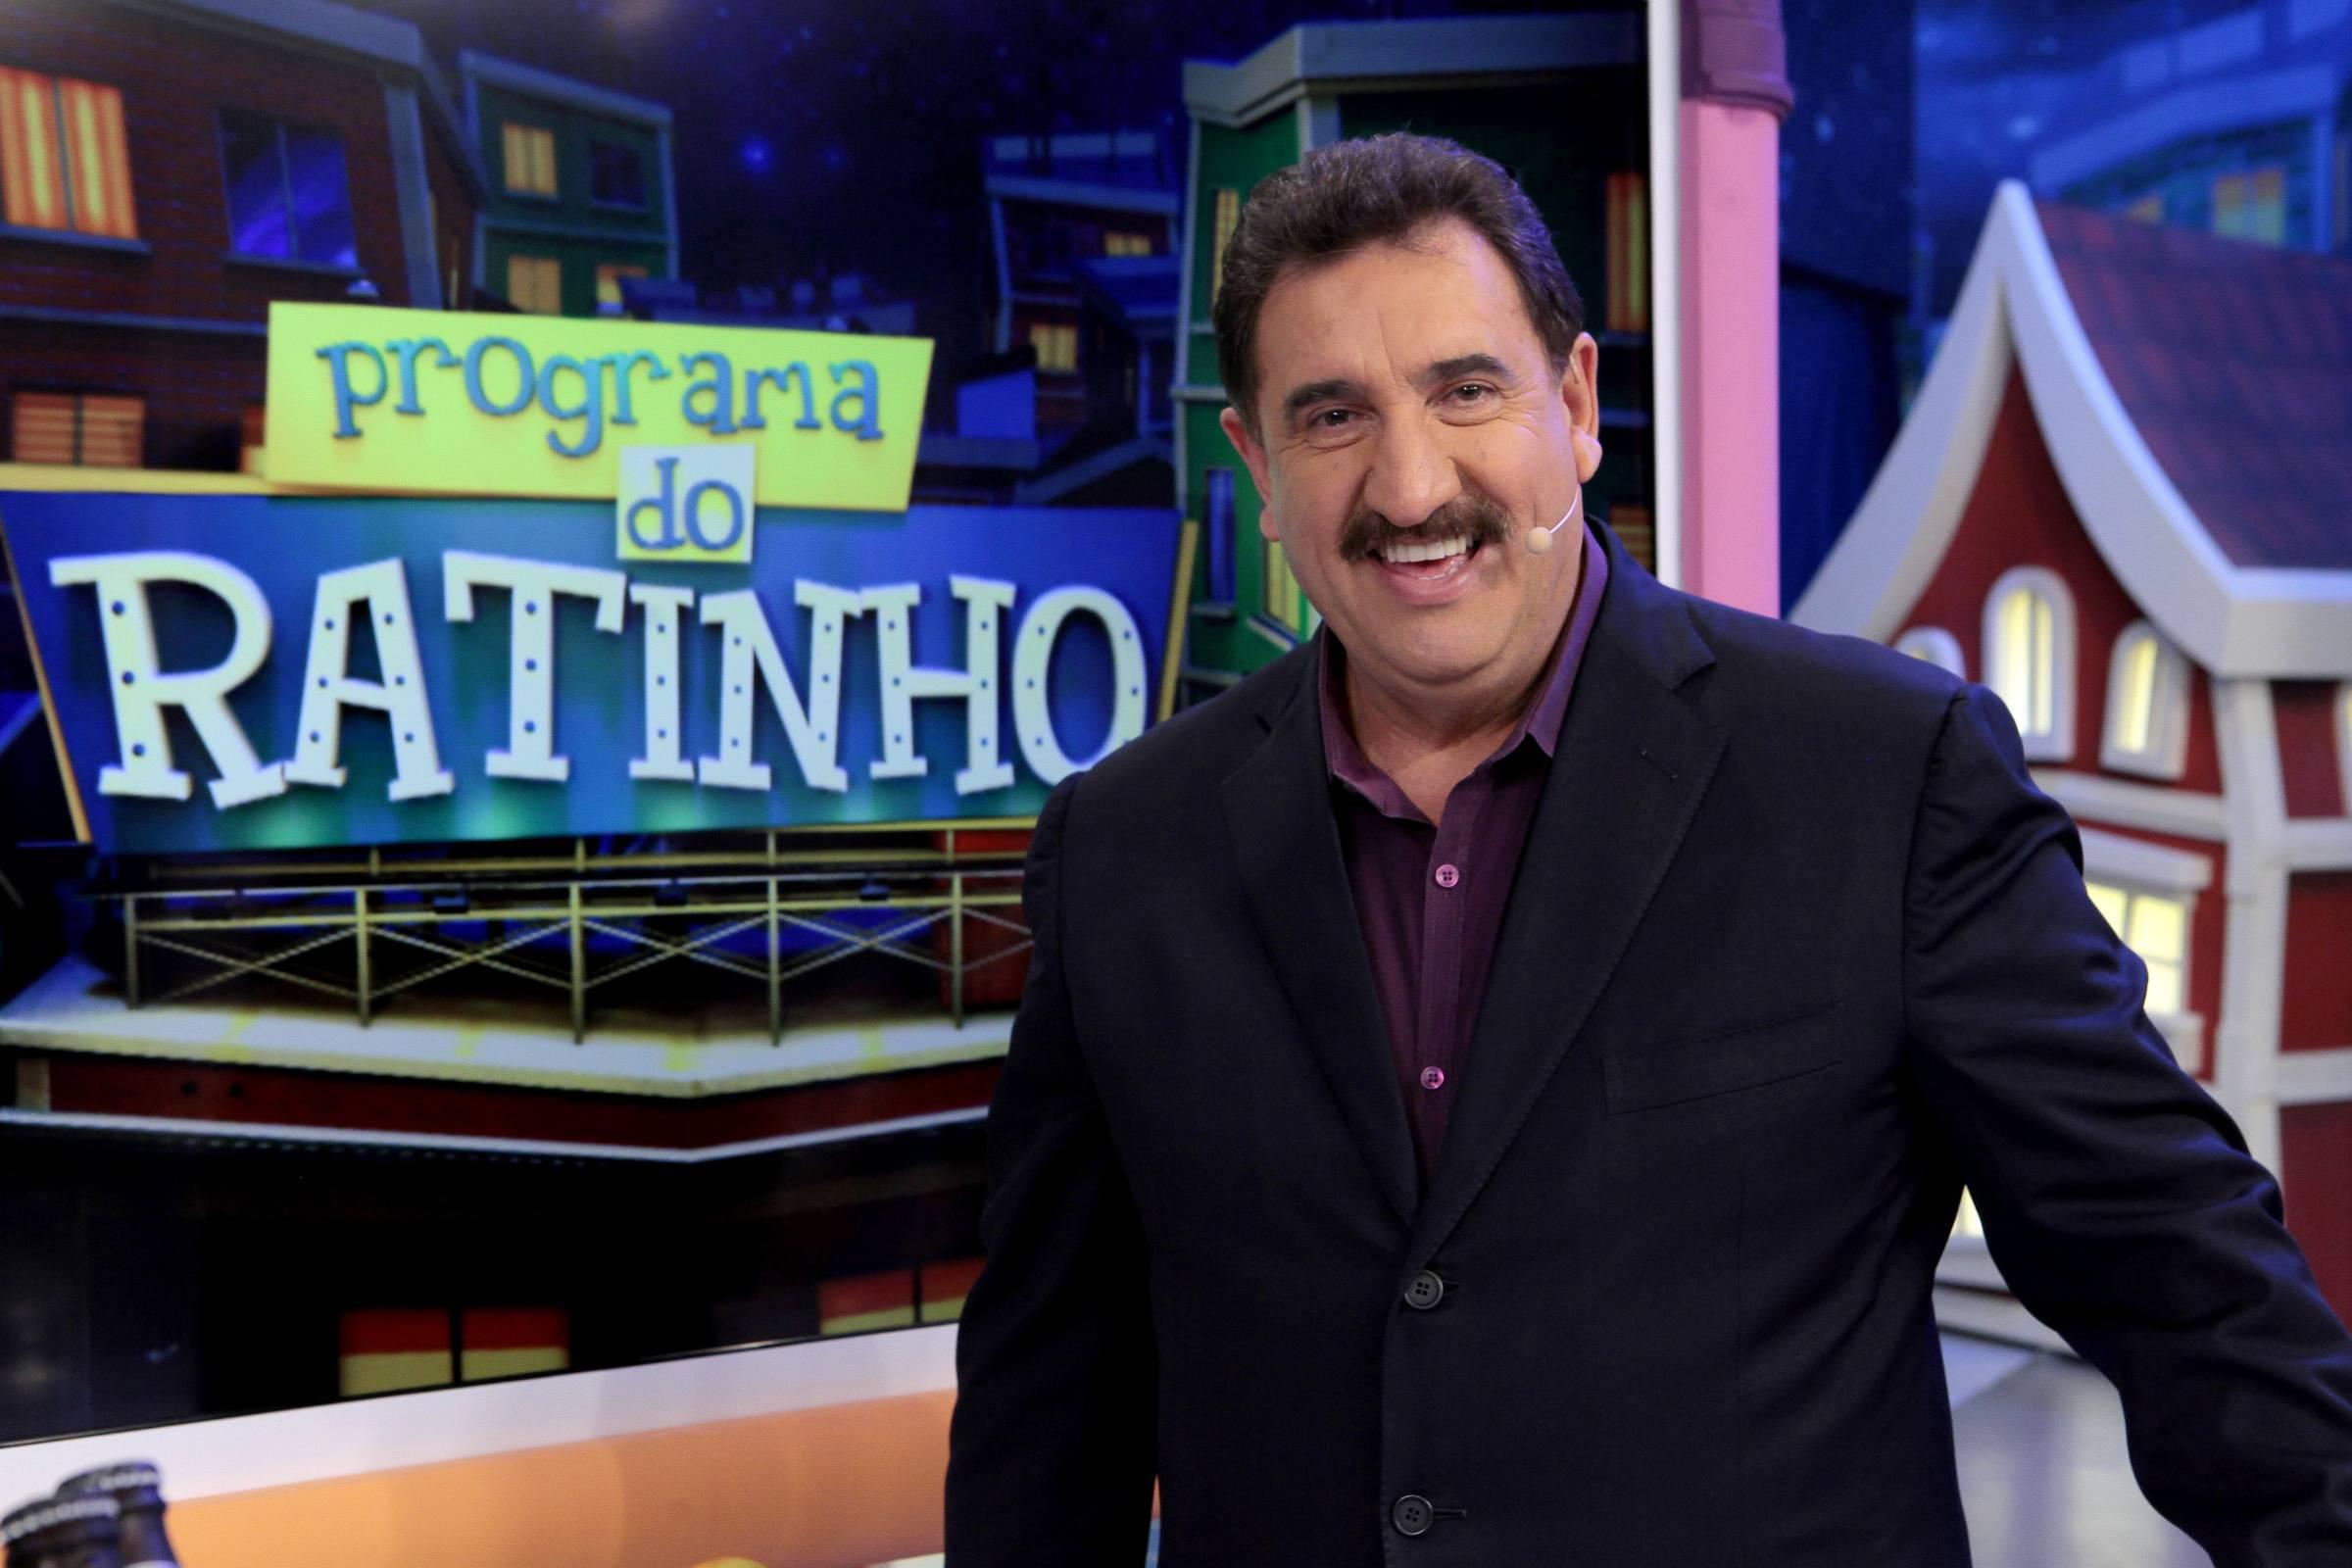 IMAGEM: Ratinho fica em terceiro lugar em dia de futebol no SBT